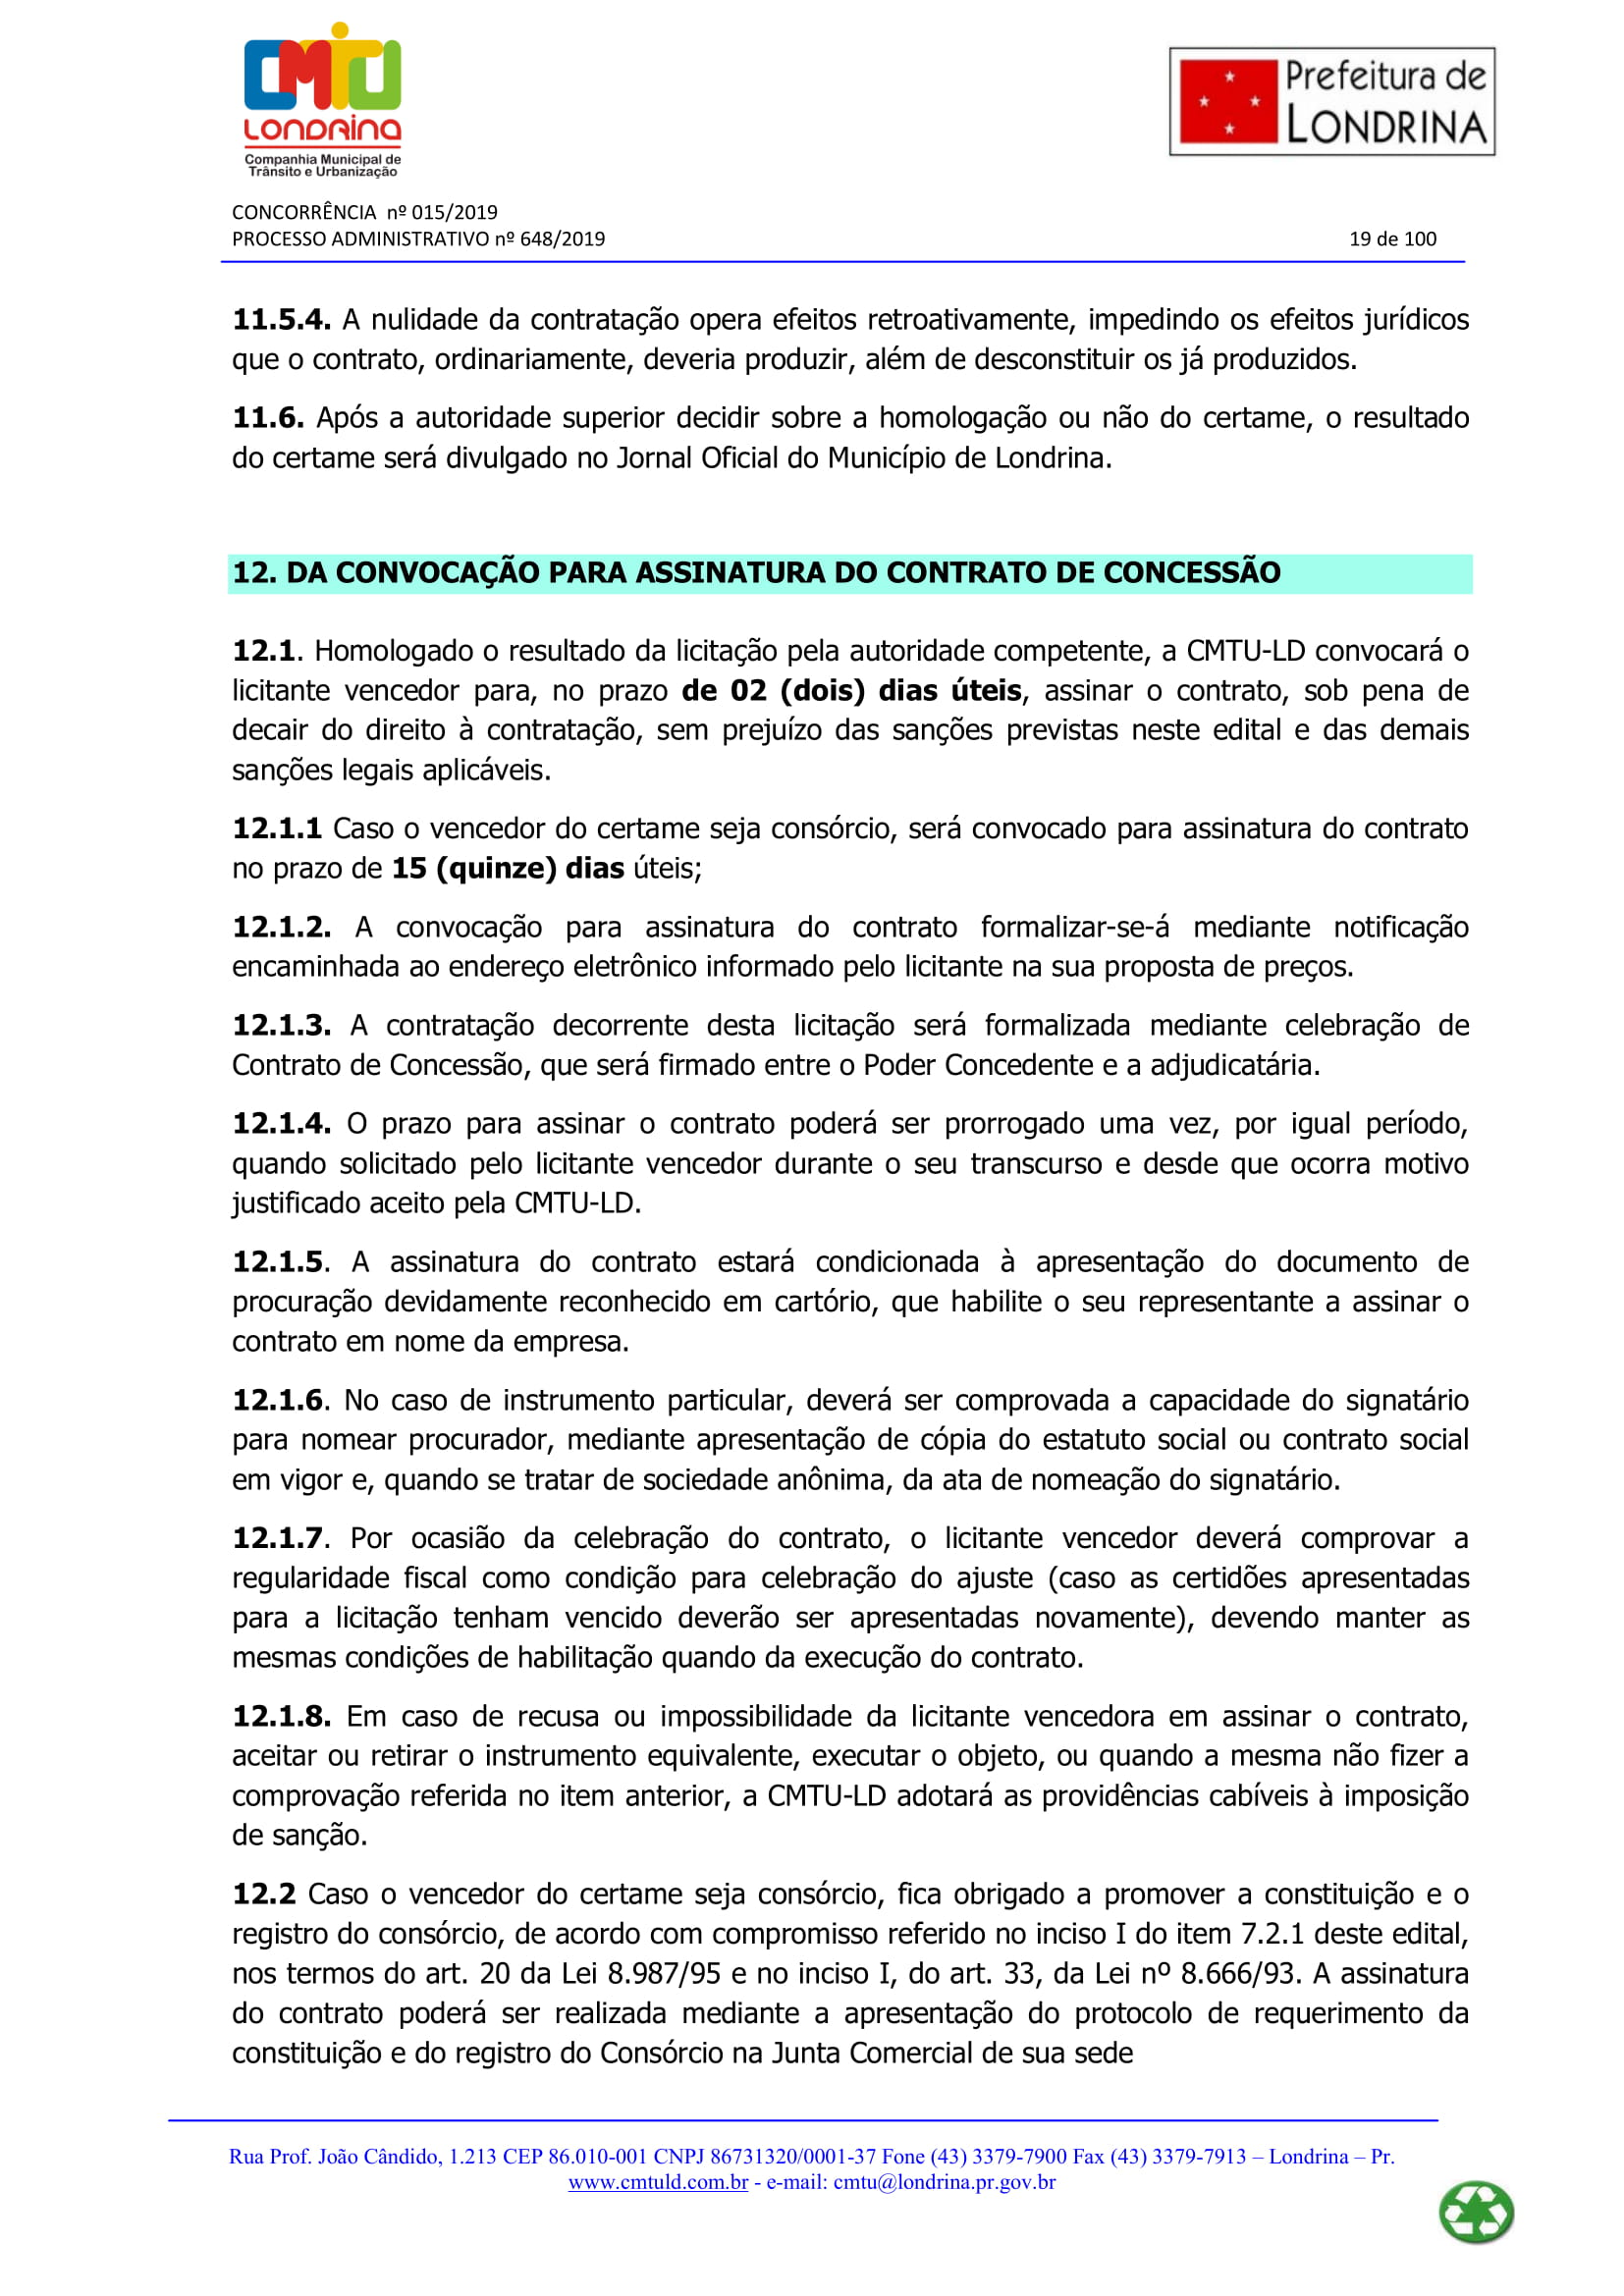 Edital_CC_015-2019-019